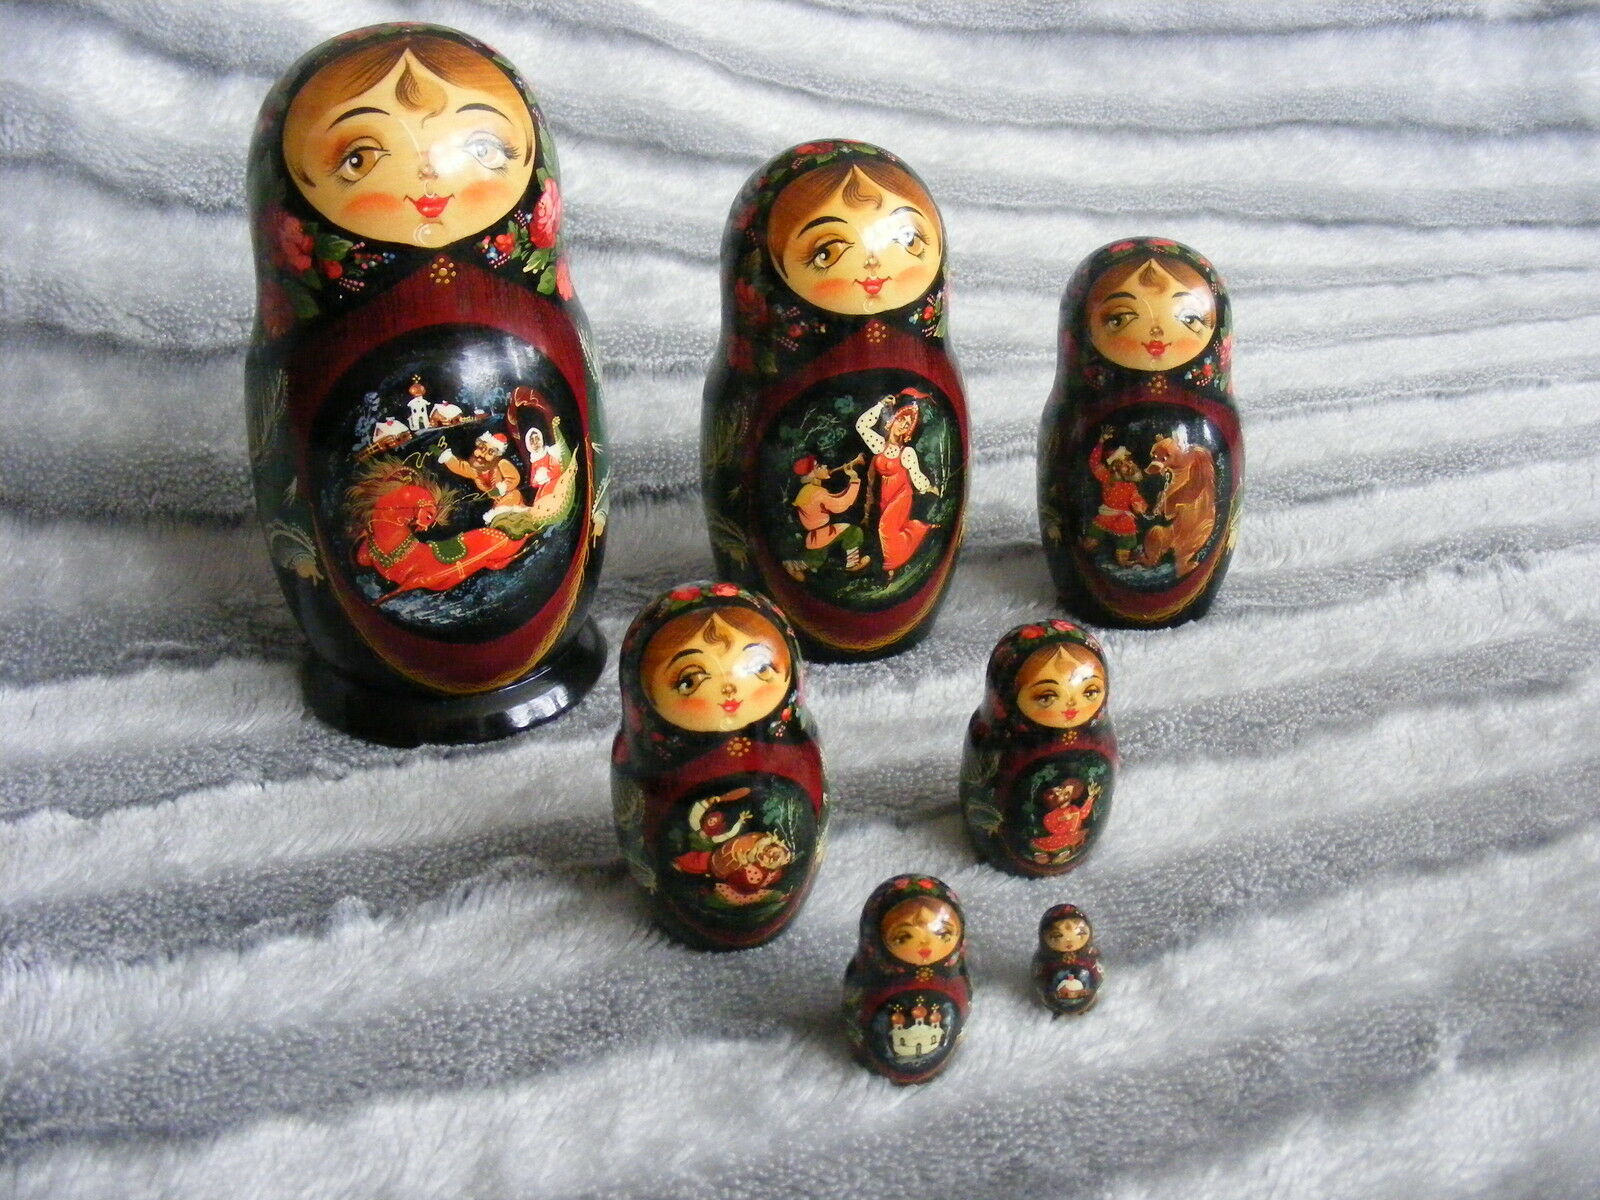 grandi prezzi scontati VINTAGE 1962 7 PZ INVERNALE Troika firmata Mosca bambole bambole bambole russe a matrioska matriosca  in vendita online